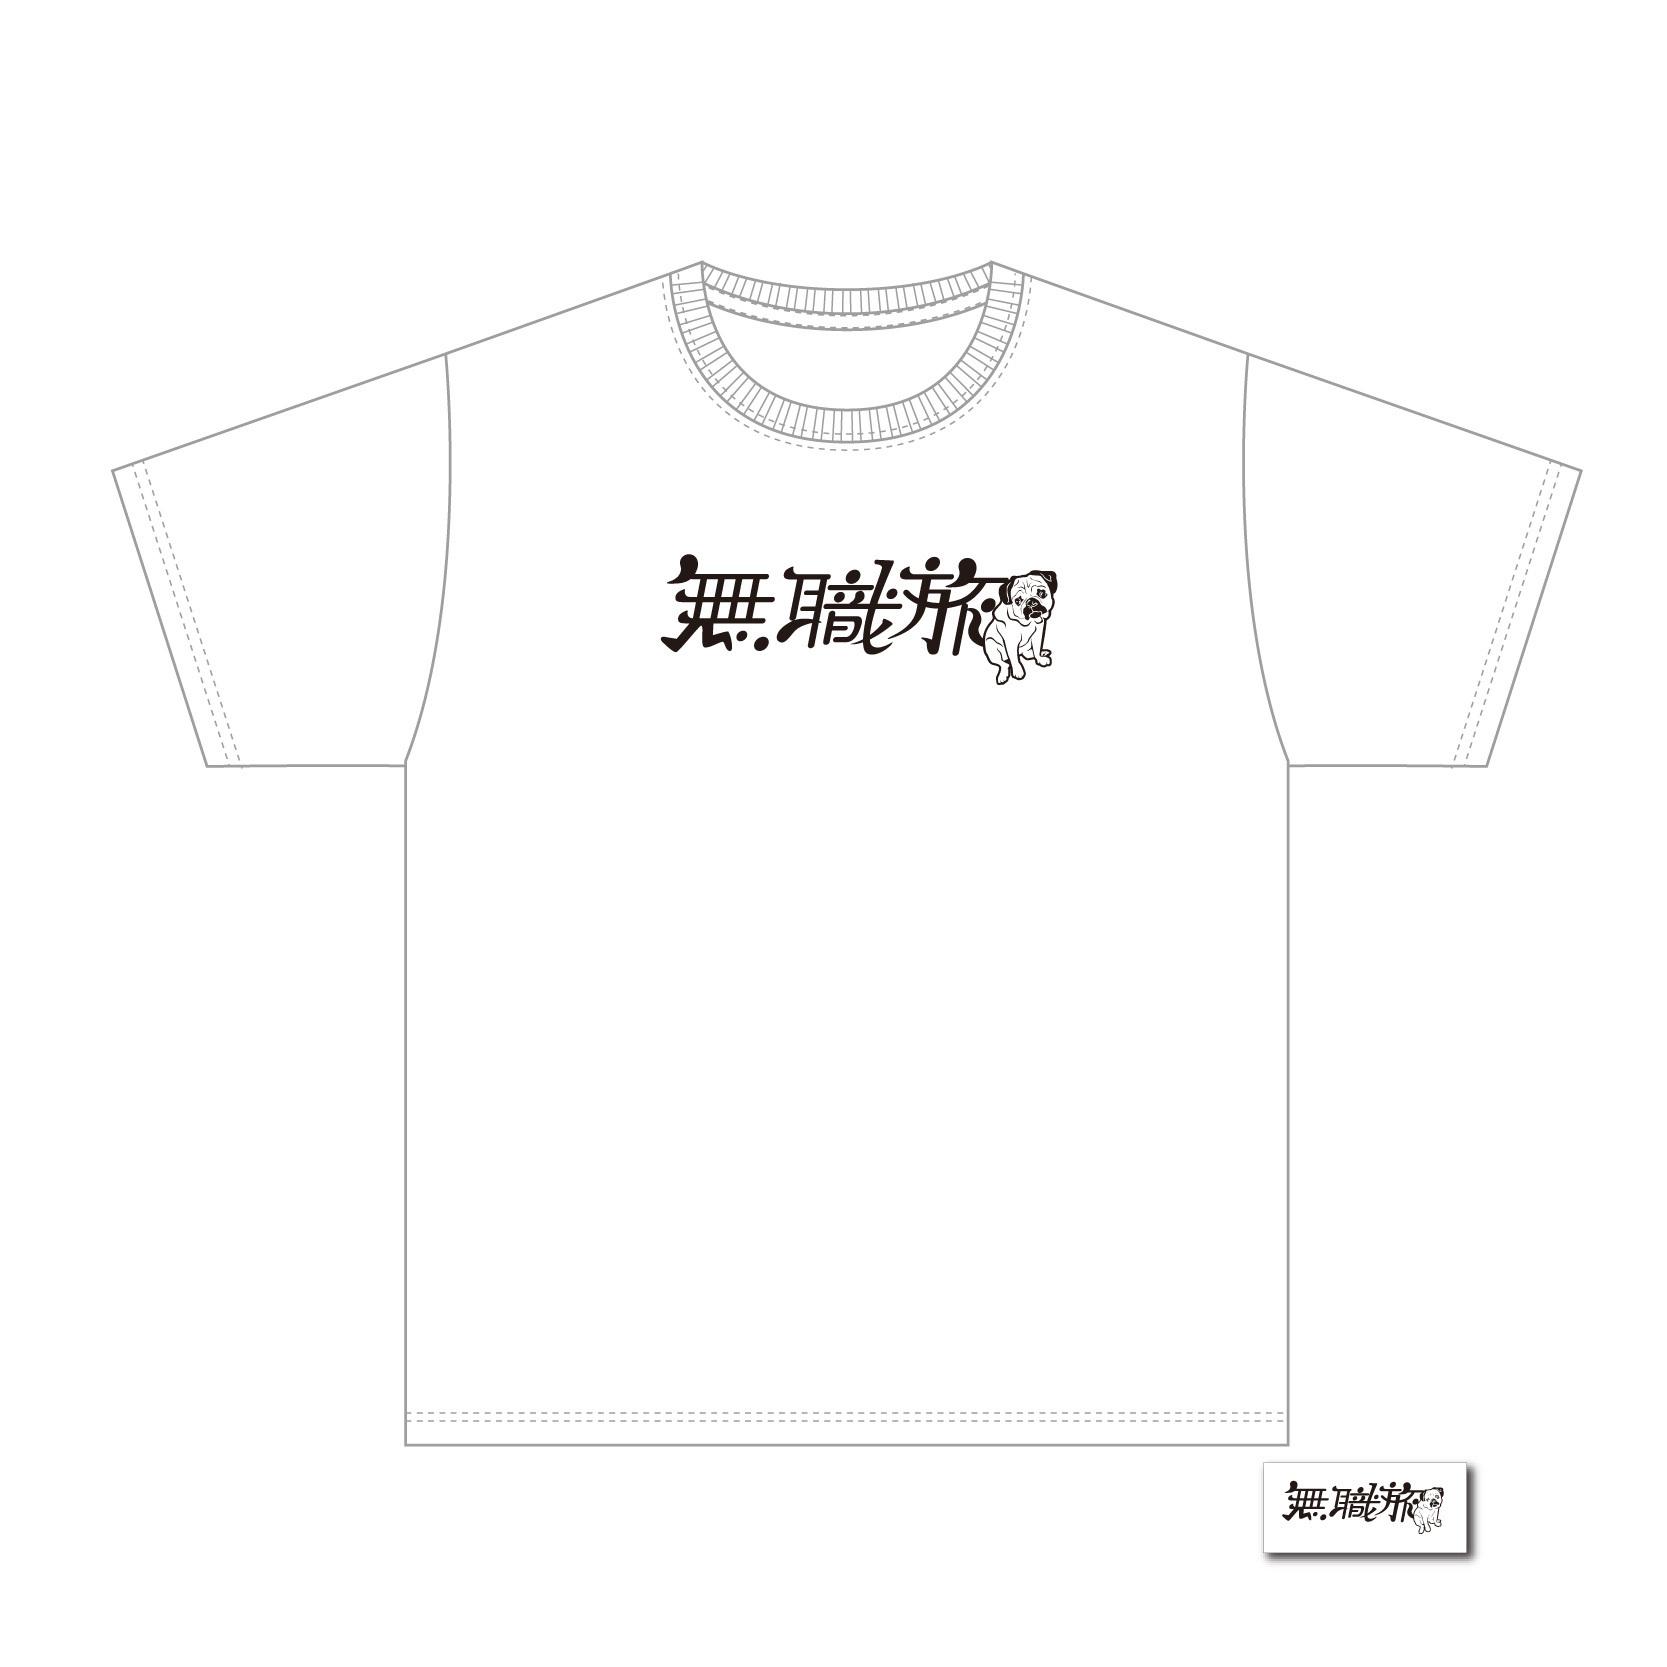 無職旅&ジョーくんTシャツ ステッカー付き